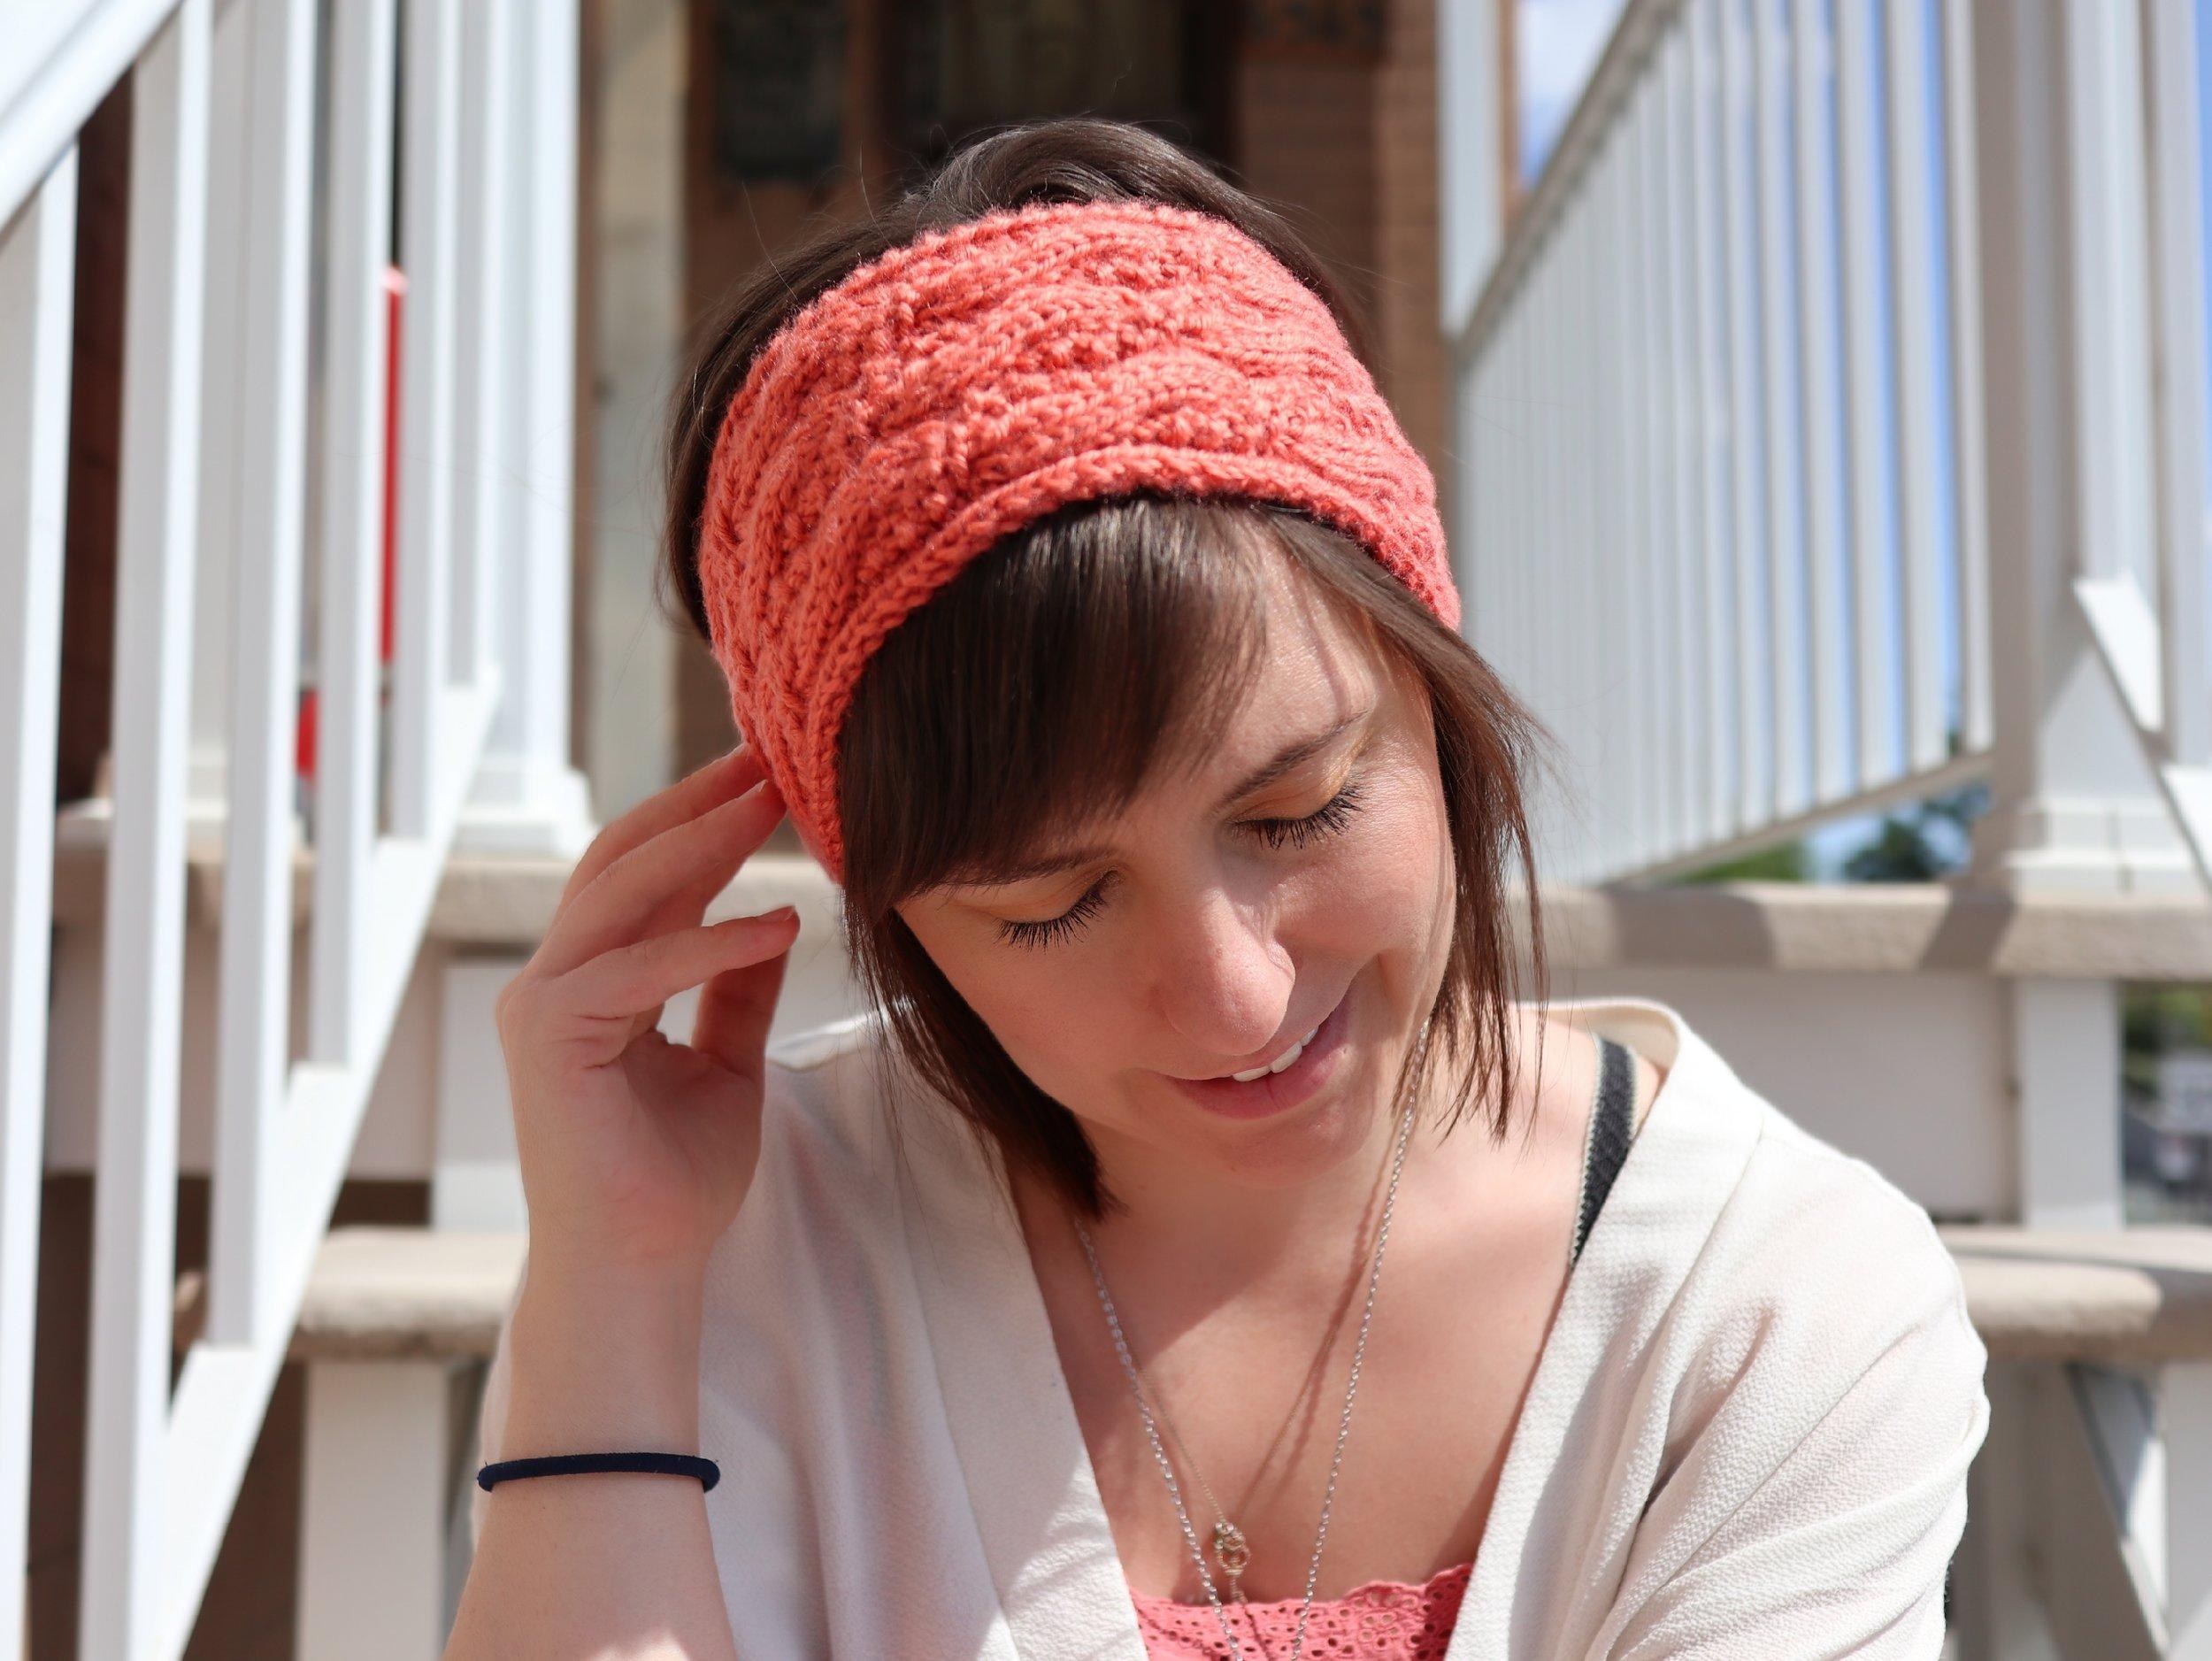 FREE PATTERN - Seed Stitch Cable Headband - Ravin Sekai Designs8